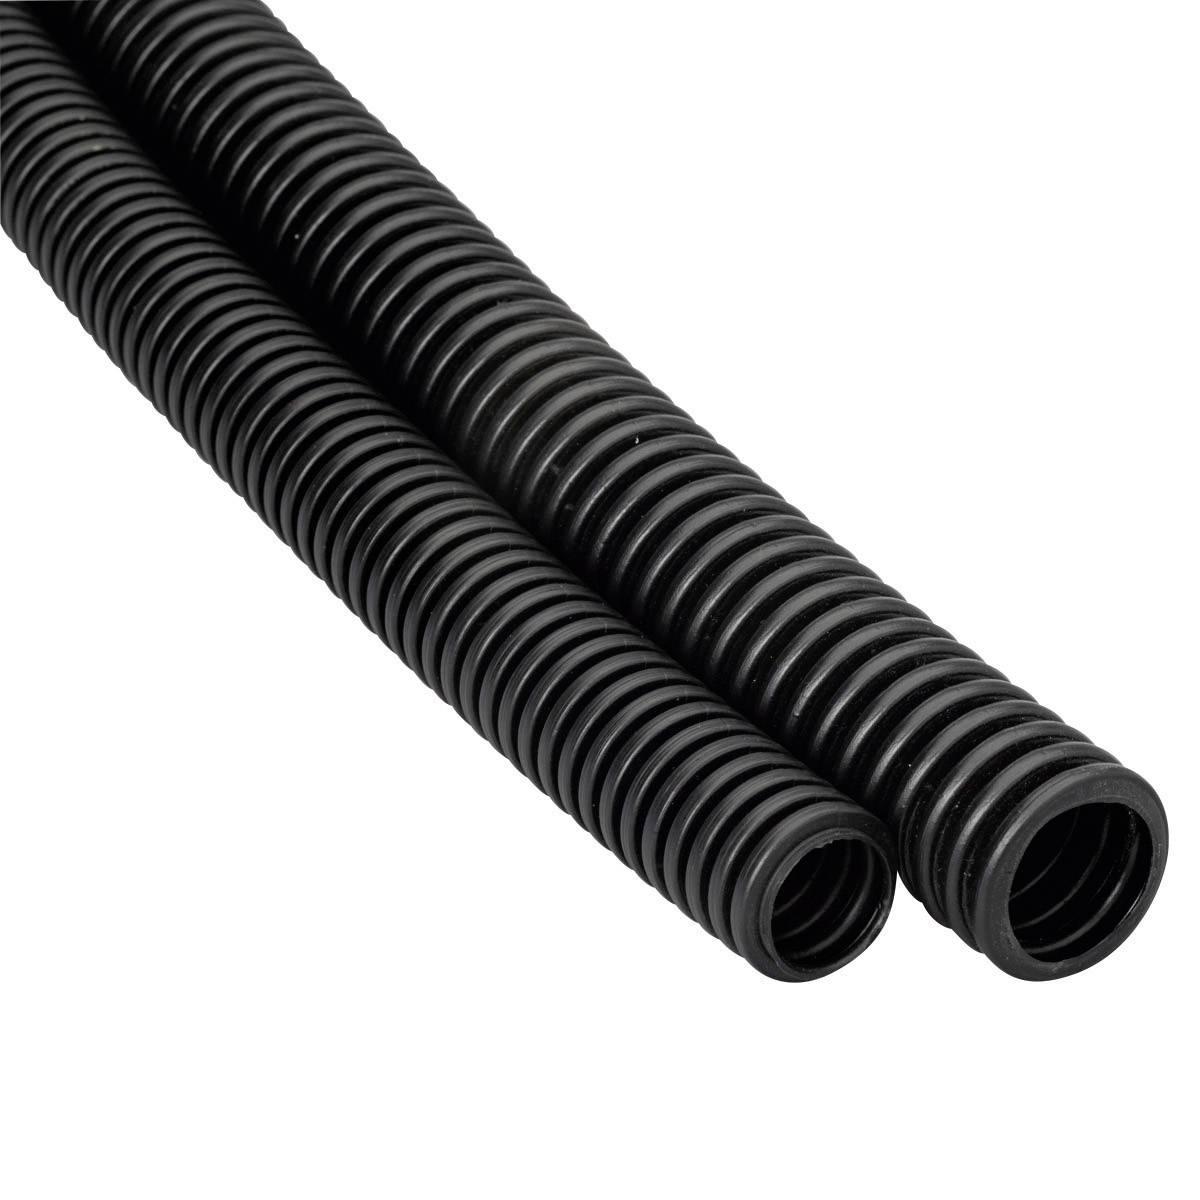 Husí krk Heidemann PE EN25, 13477, 25 m, černá